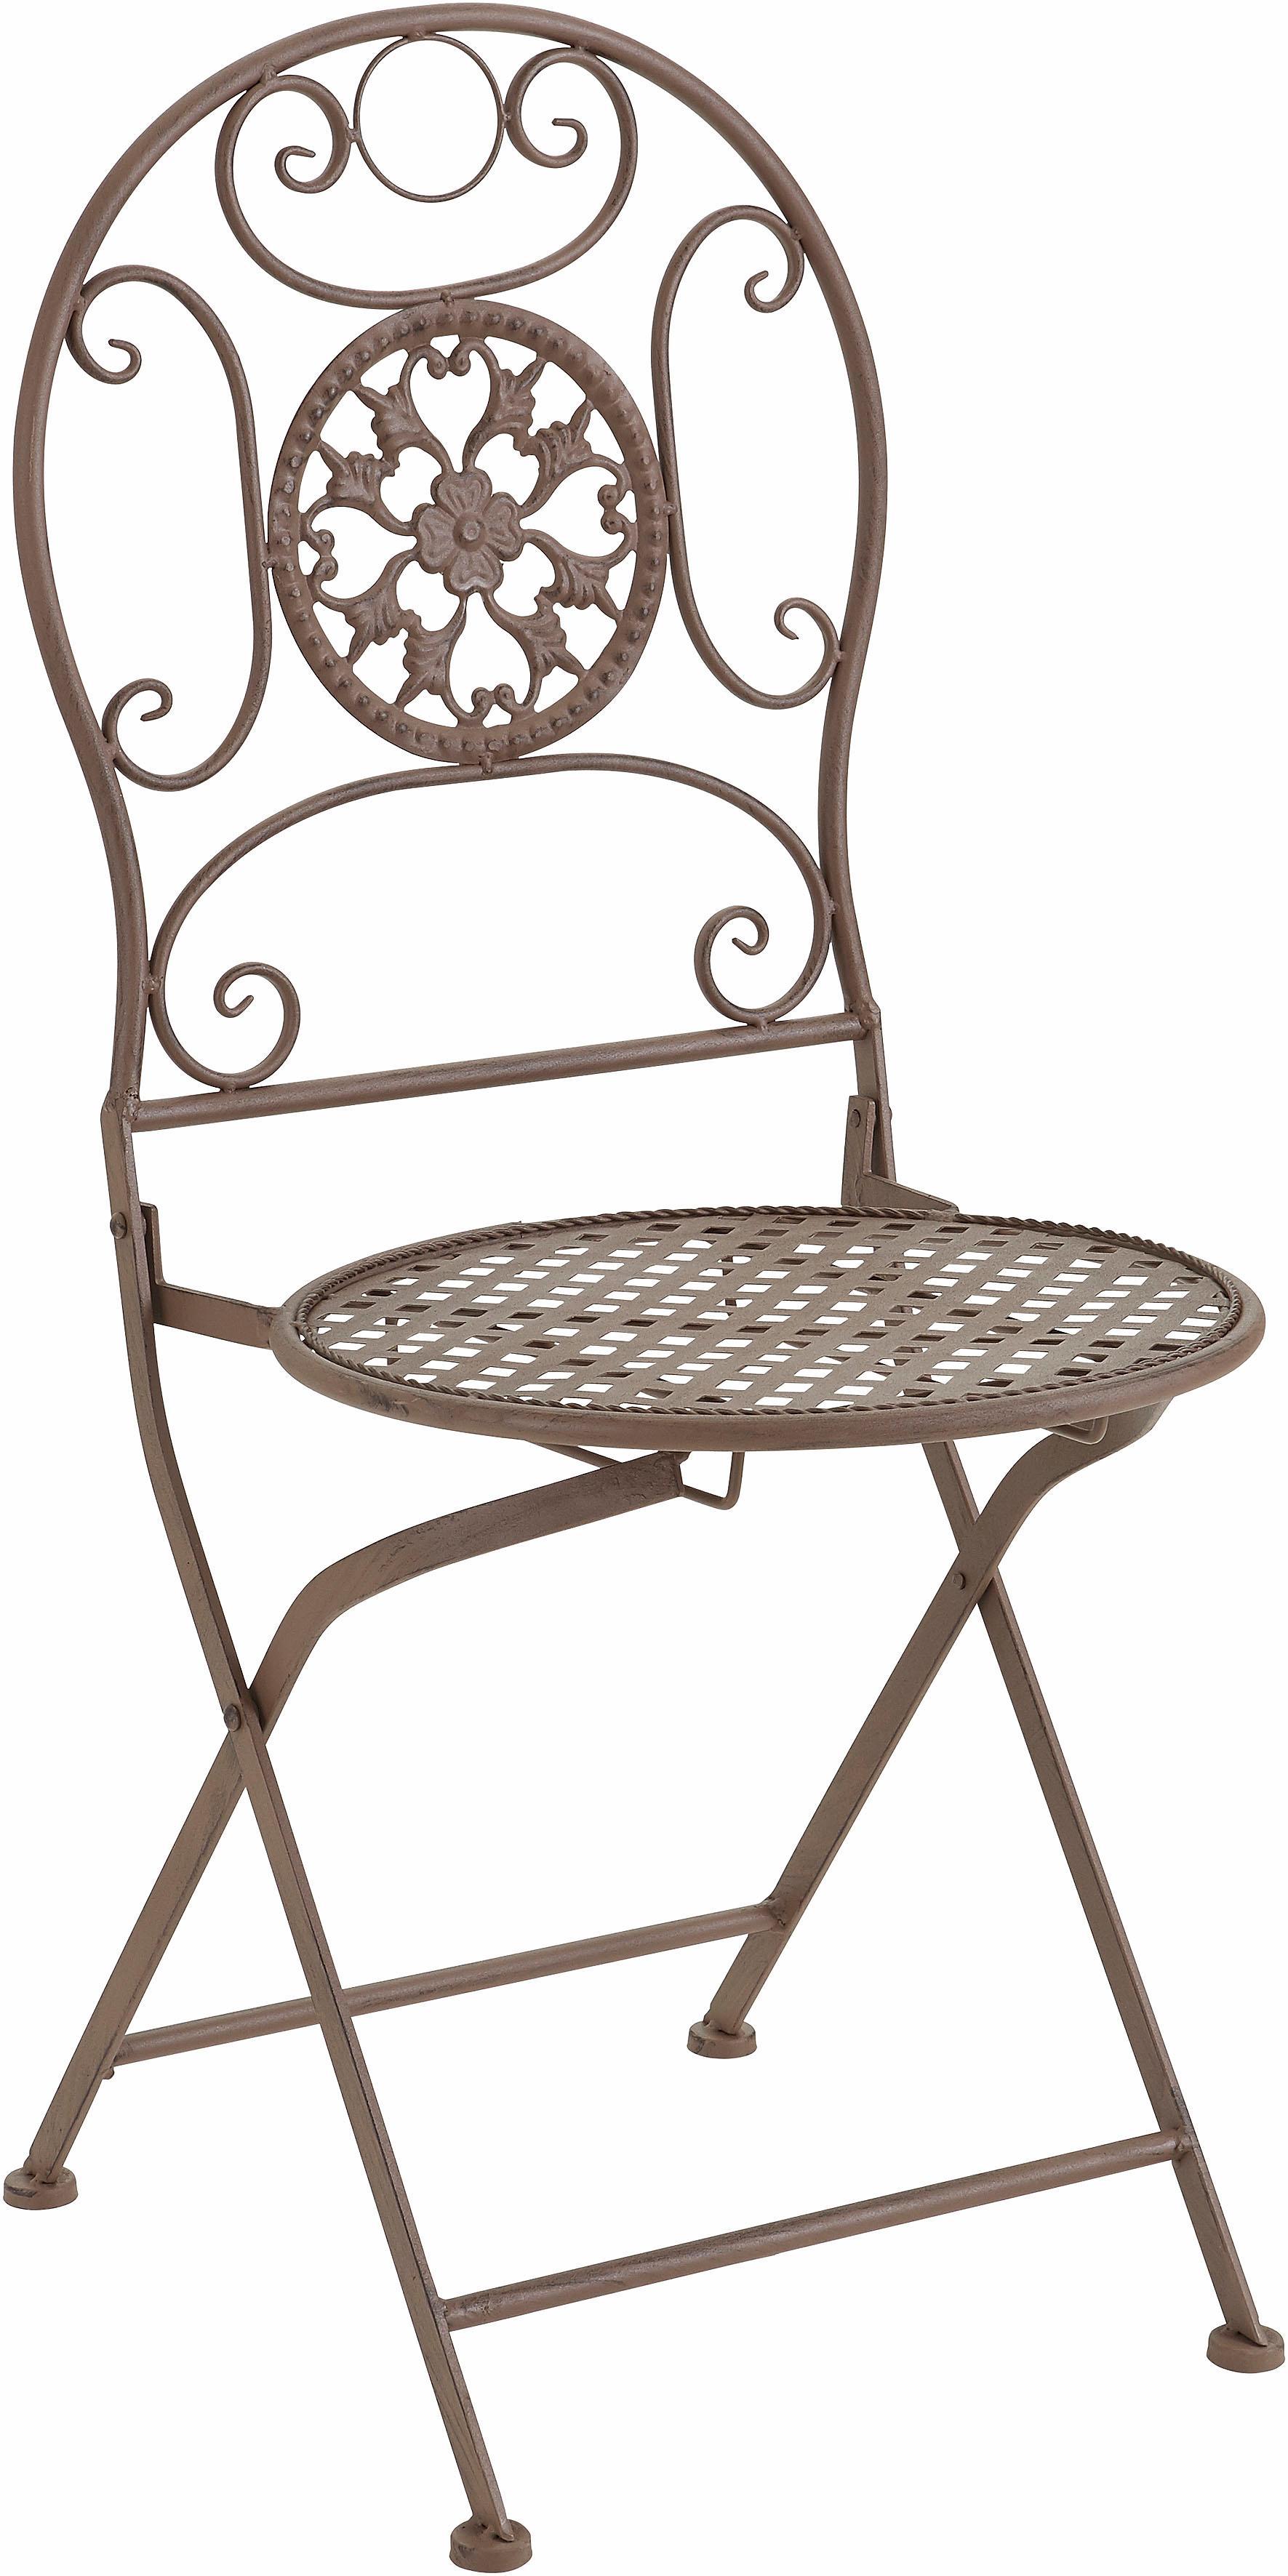 Home affaire Balkonstuhl aus Metall | Garten > Balkon > Balkonstühle | Braun | Home Affaire